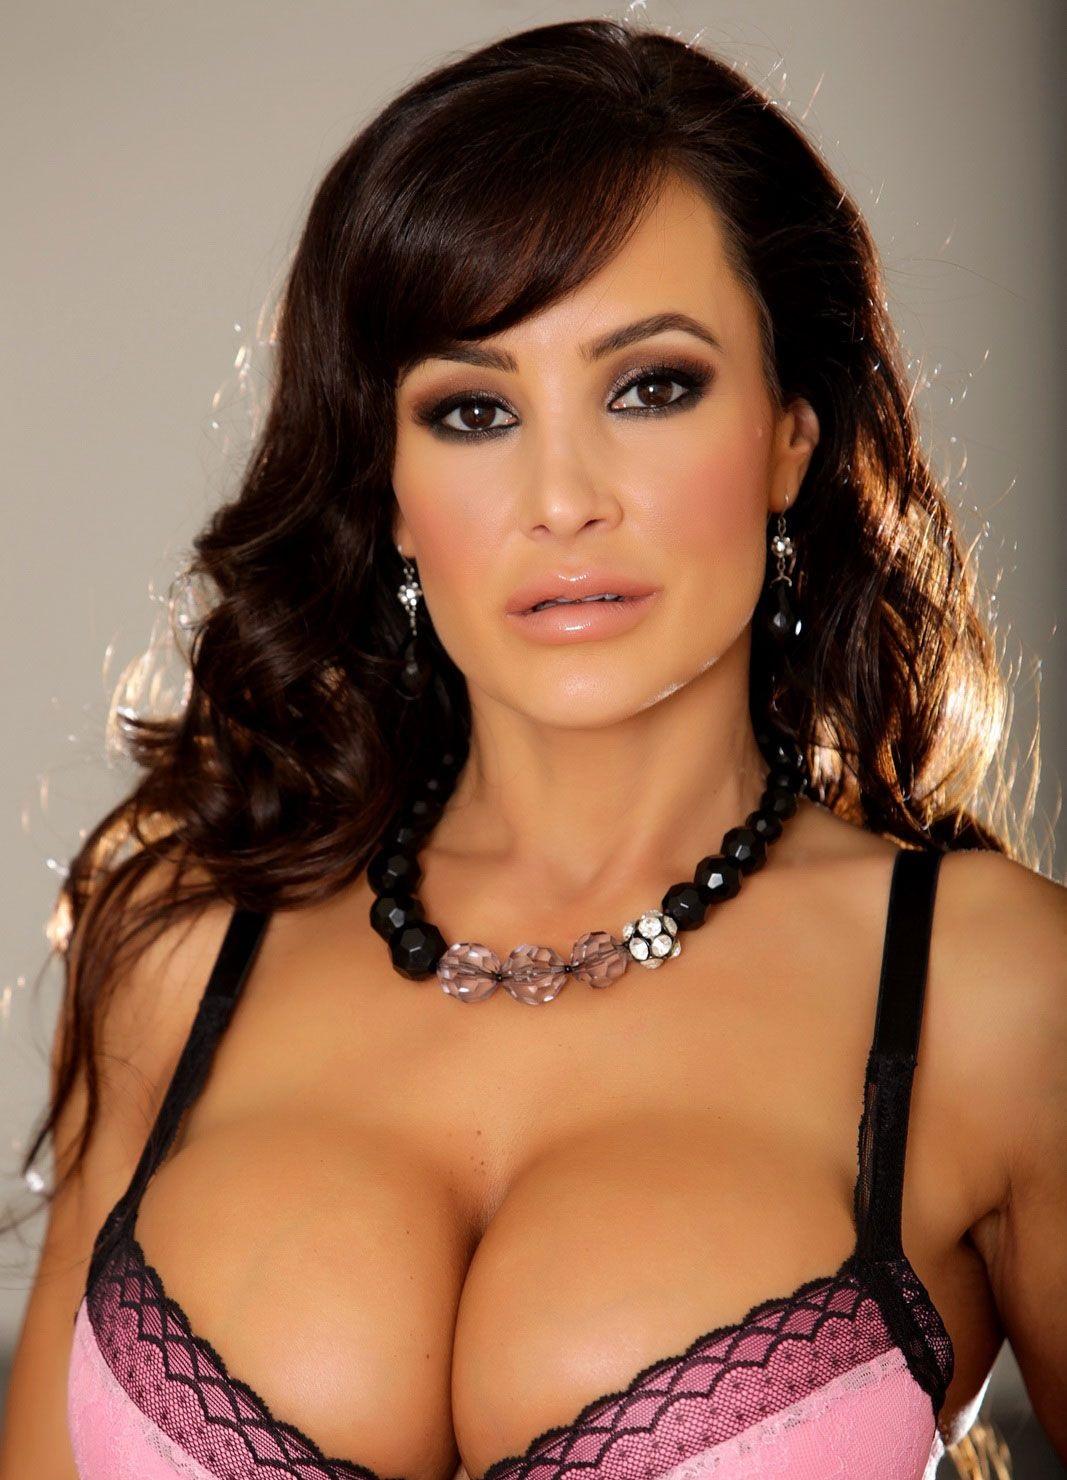 Naked female porn star models — photo 10